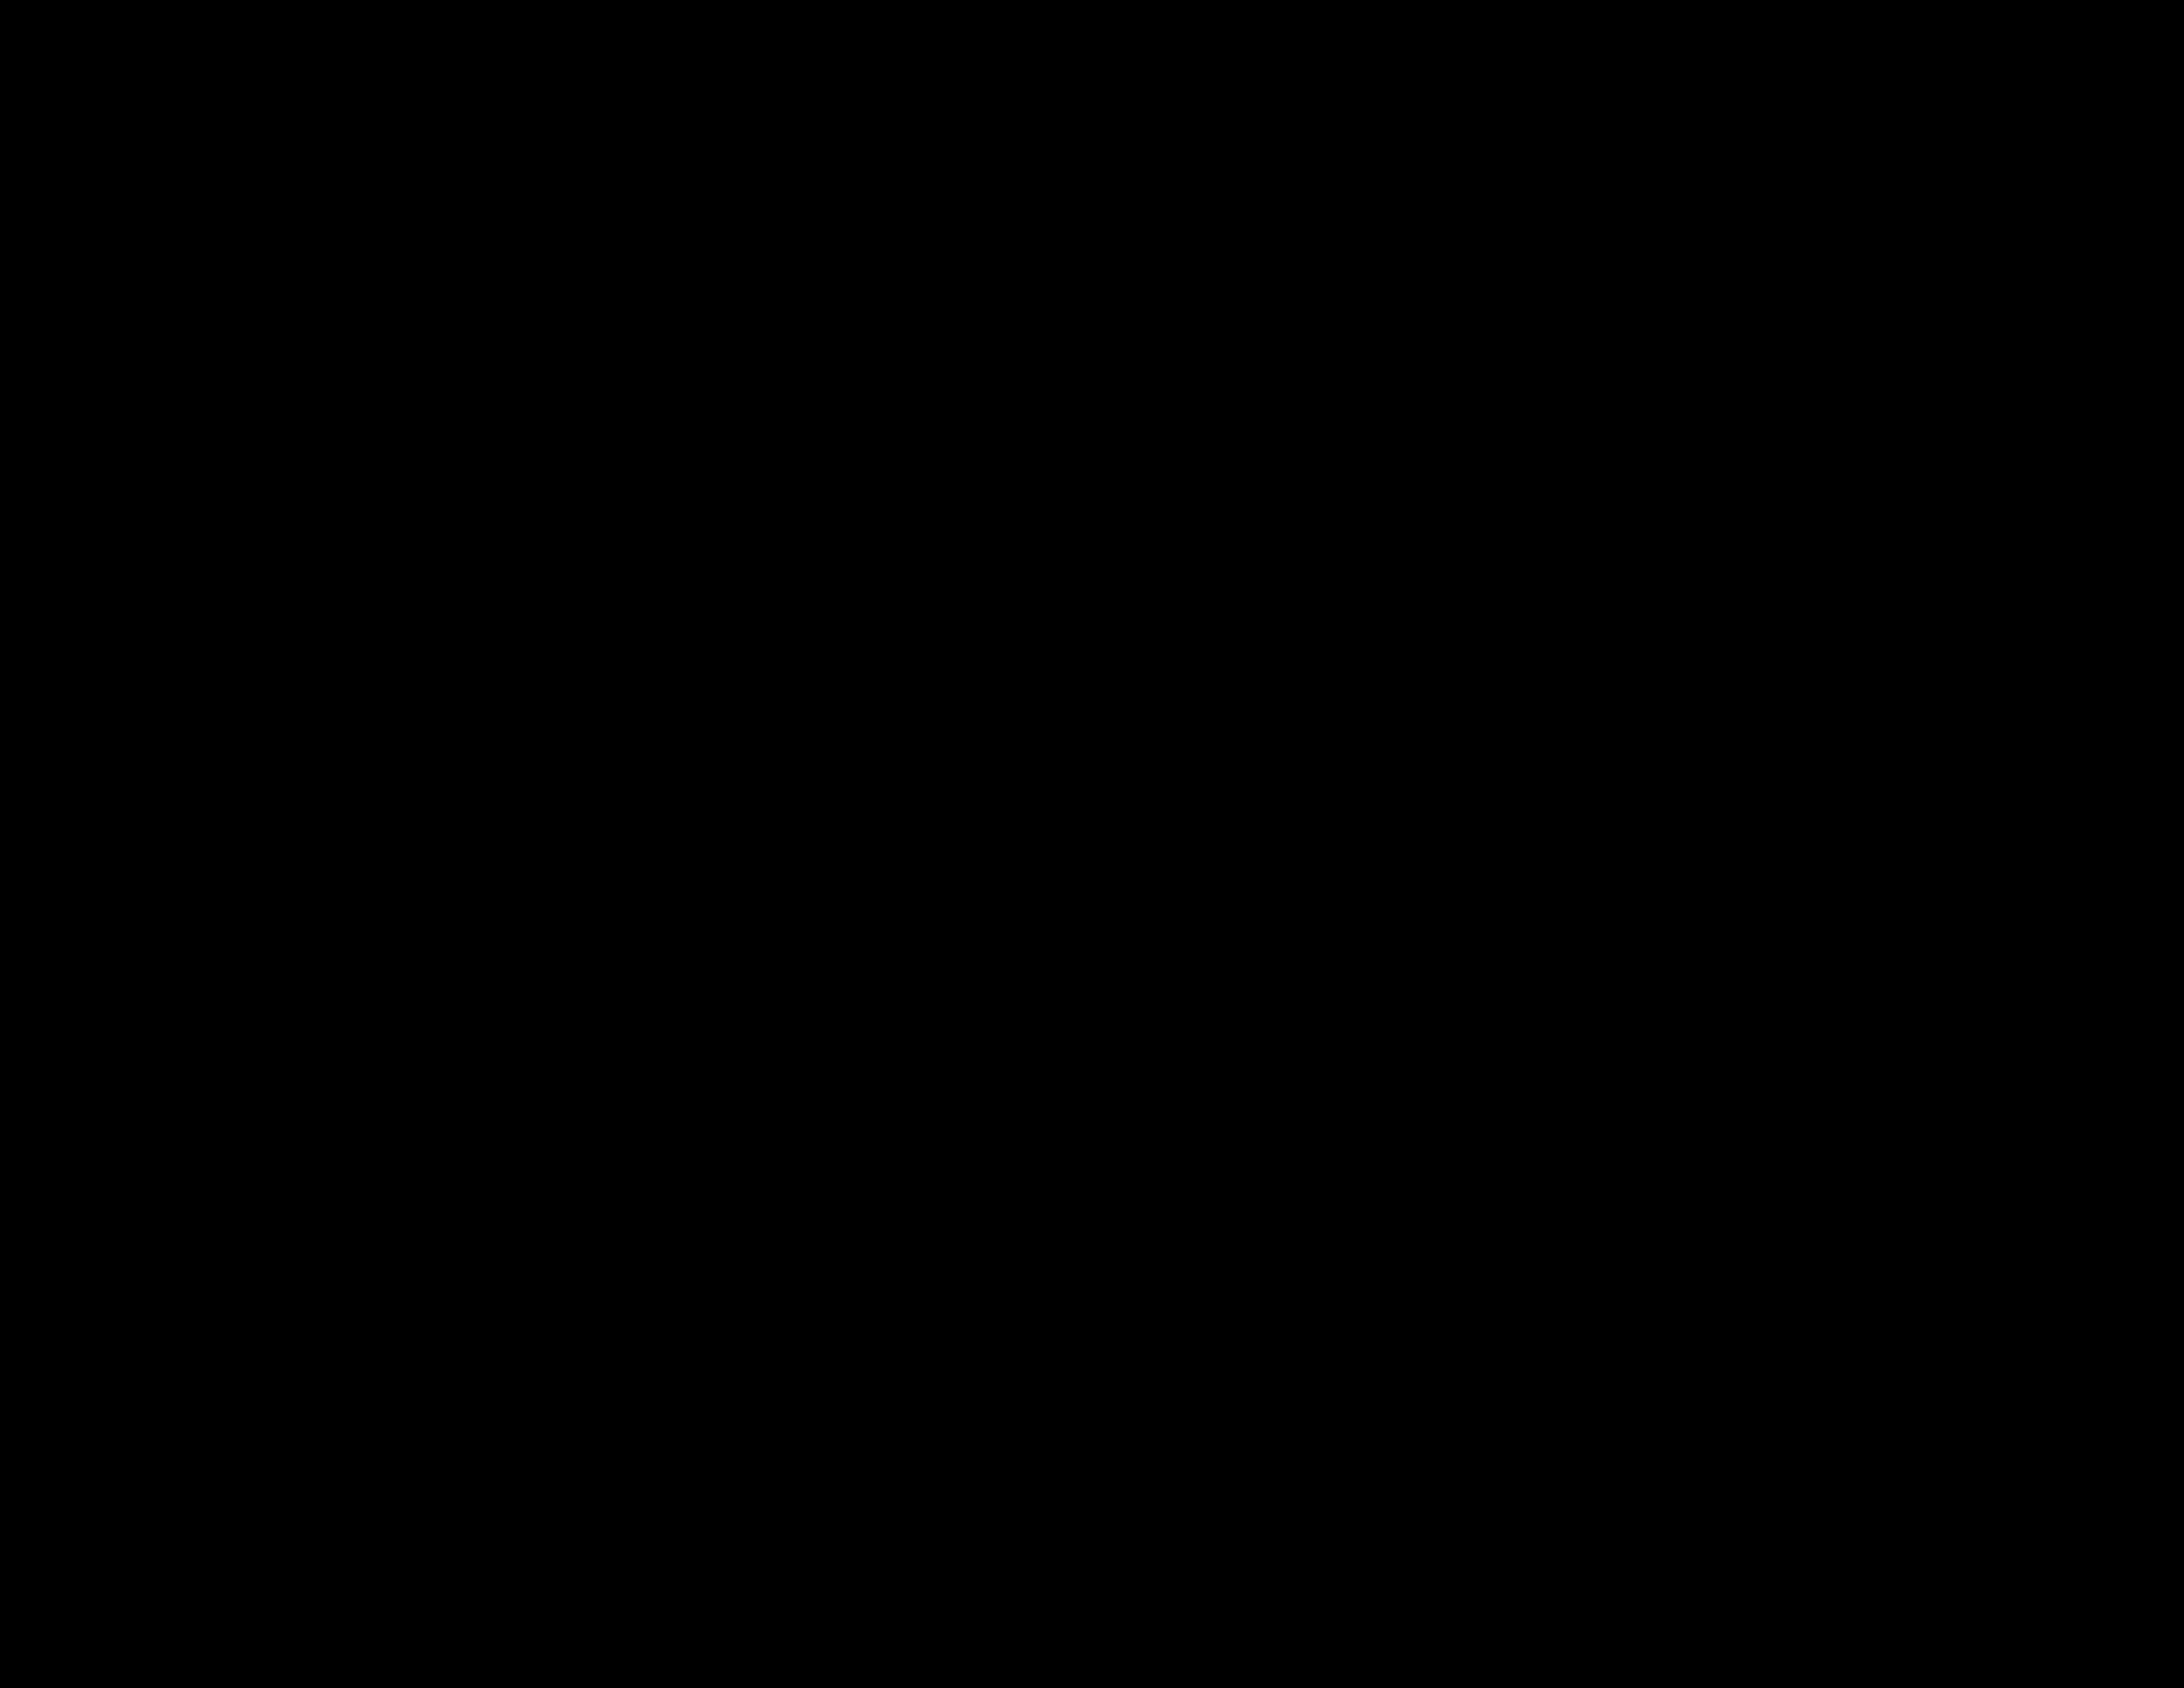 Legato Washbasin, Vanity washbasin, Washbasins, Vanity washbasins